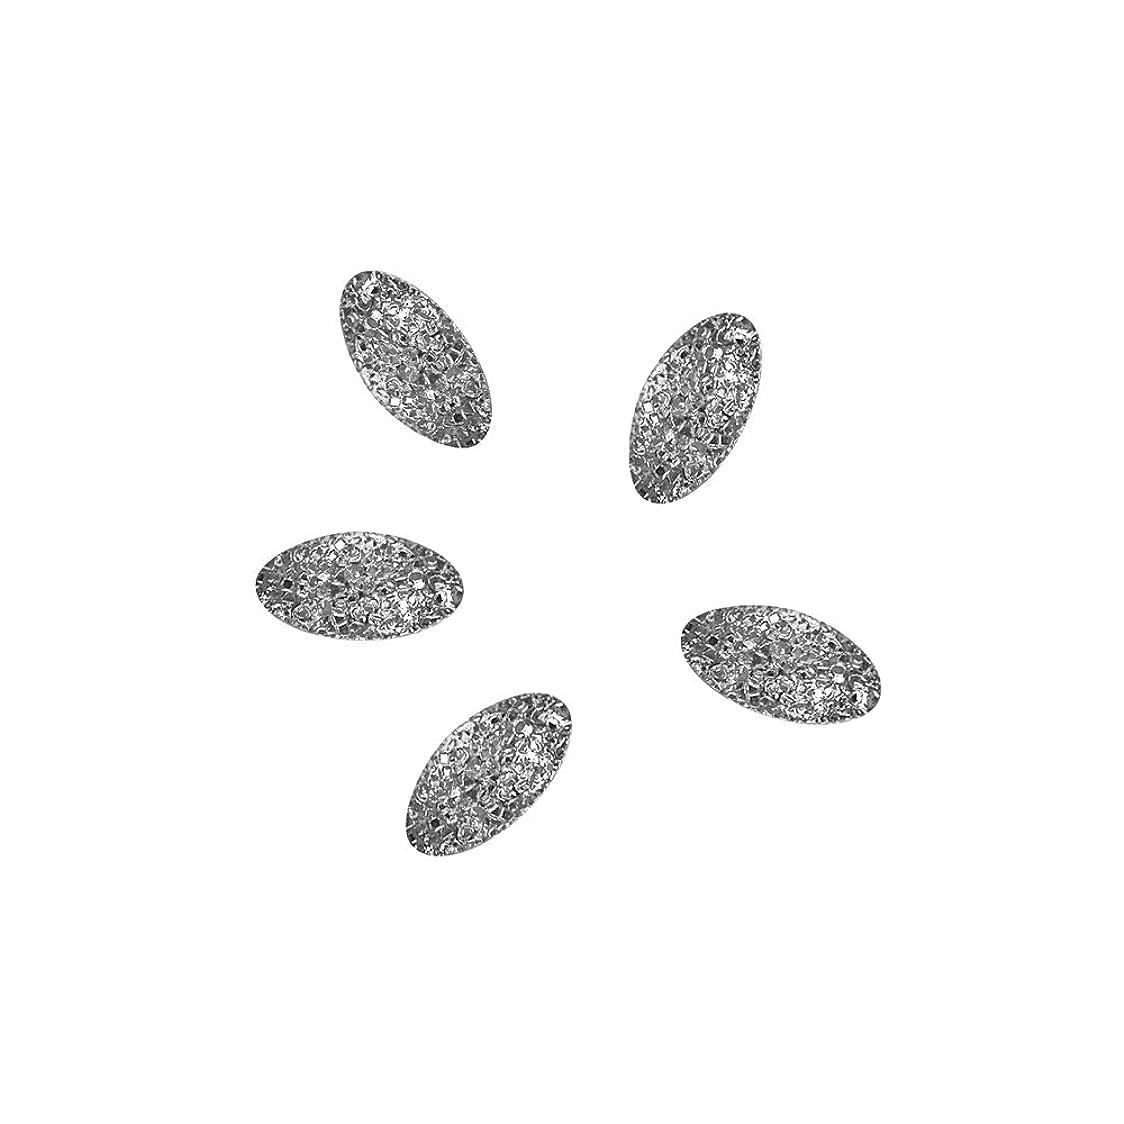 致命的な溶接昼食Bonnail ラフスタッズシルバー オーバル2×1mm